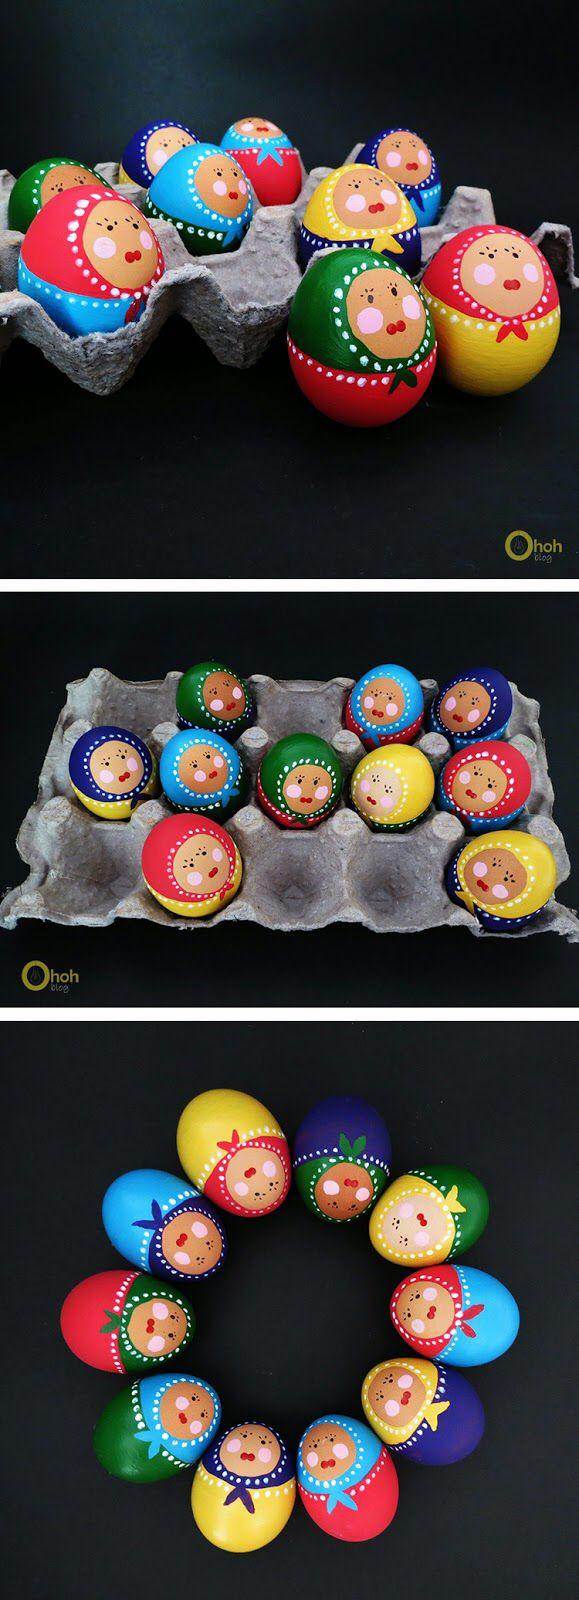 Babushka doll Easter eggs, adorable!